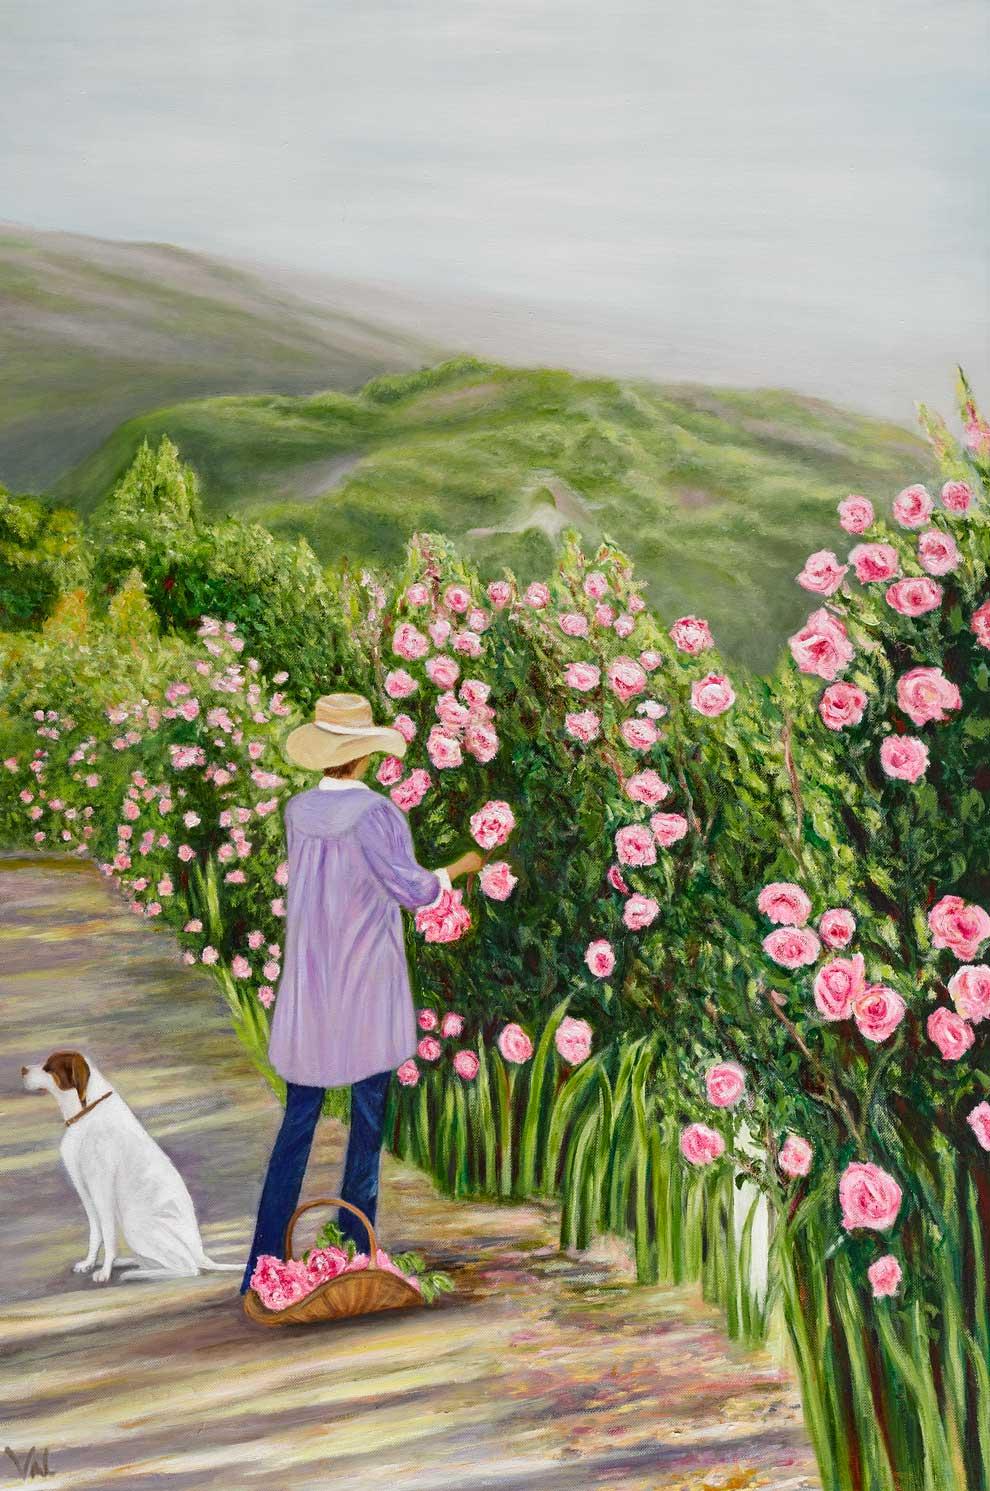 the-rose-garden-90hx60w-cm_990